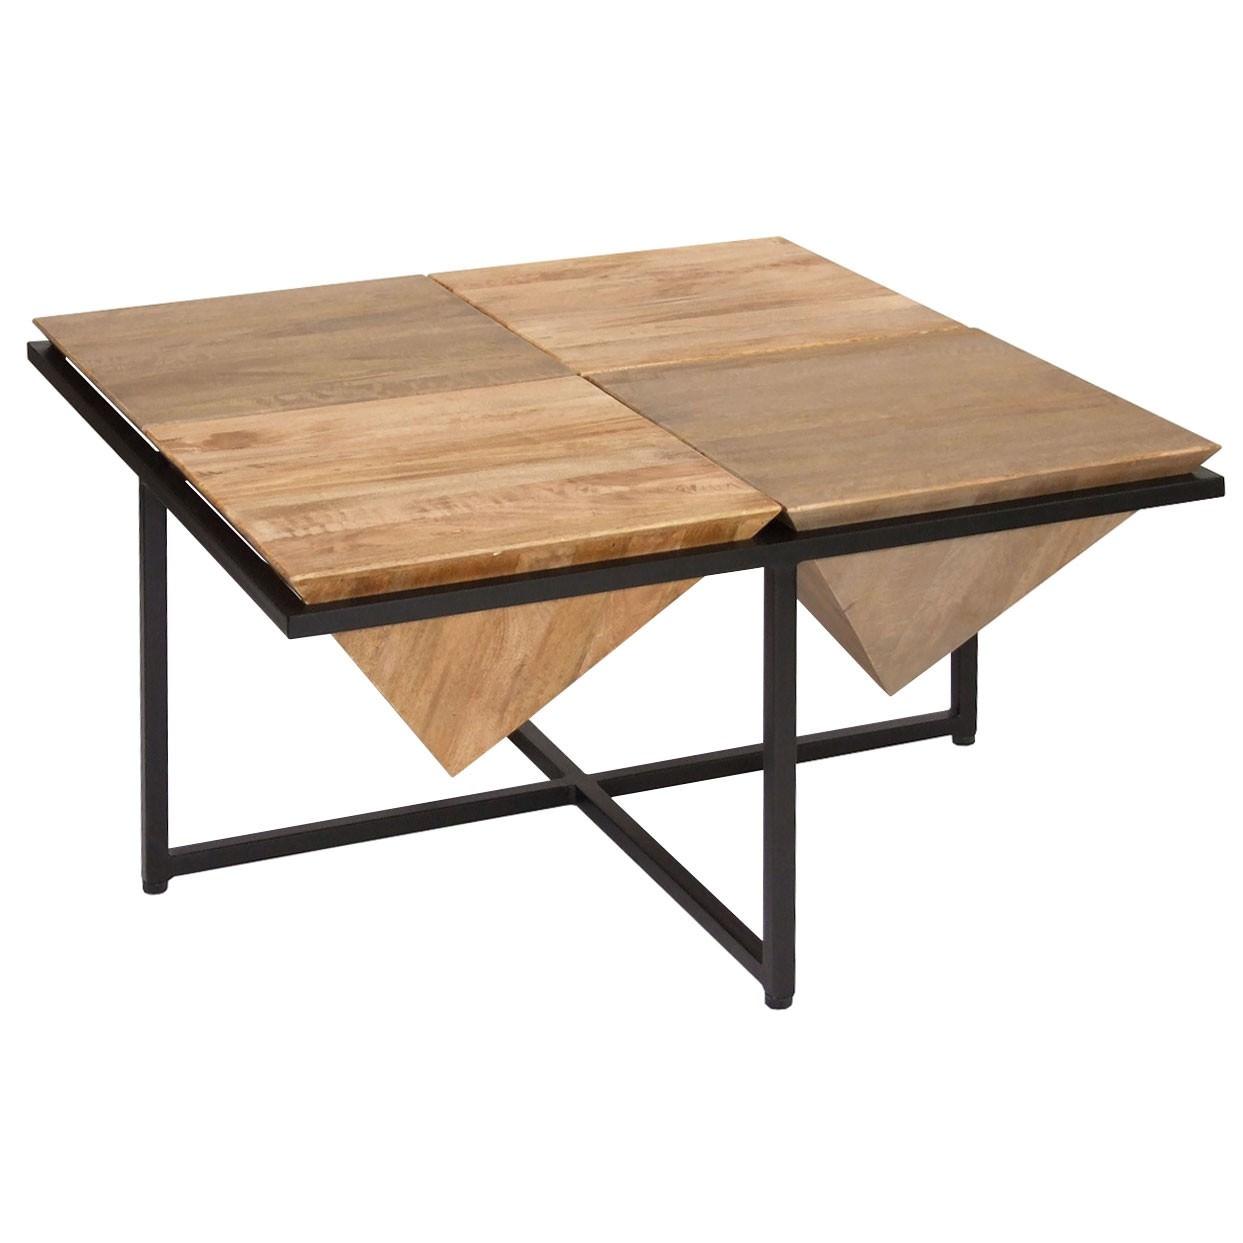 French Stamped Mango Coffee Table: Landrau Mango Wood & Metal Square Coffee Table, 80cm